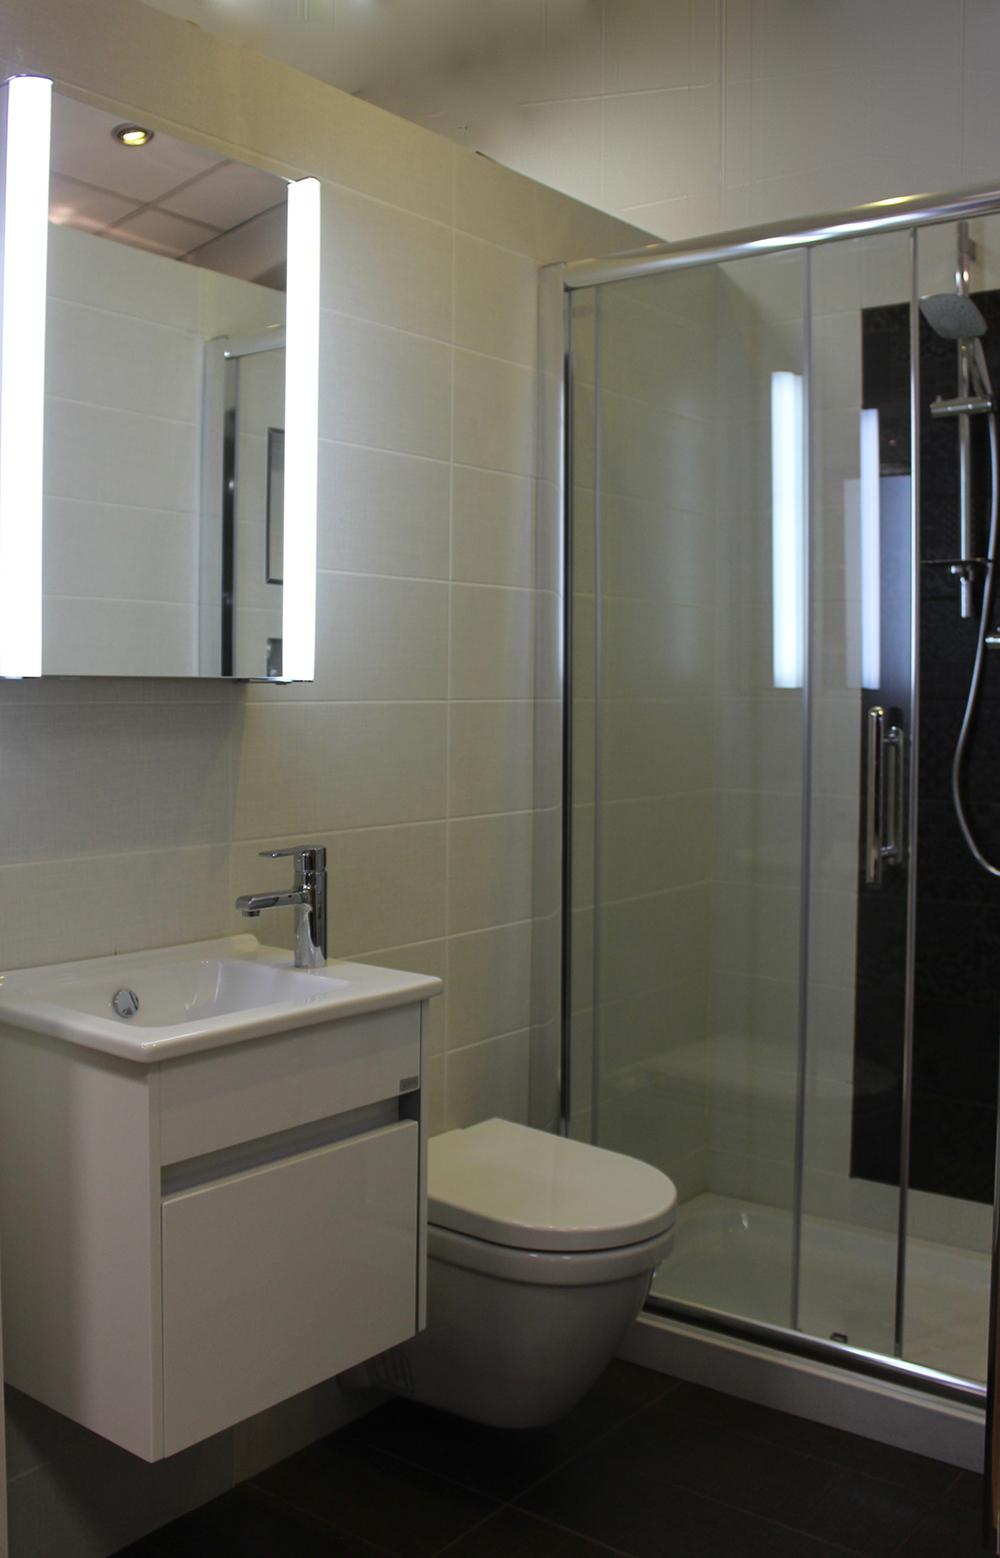 H&V Bathroom Suites Dublin Image 111